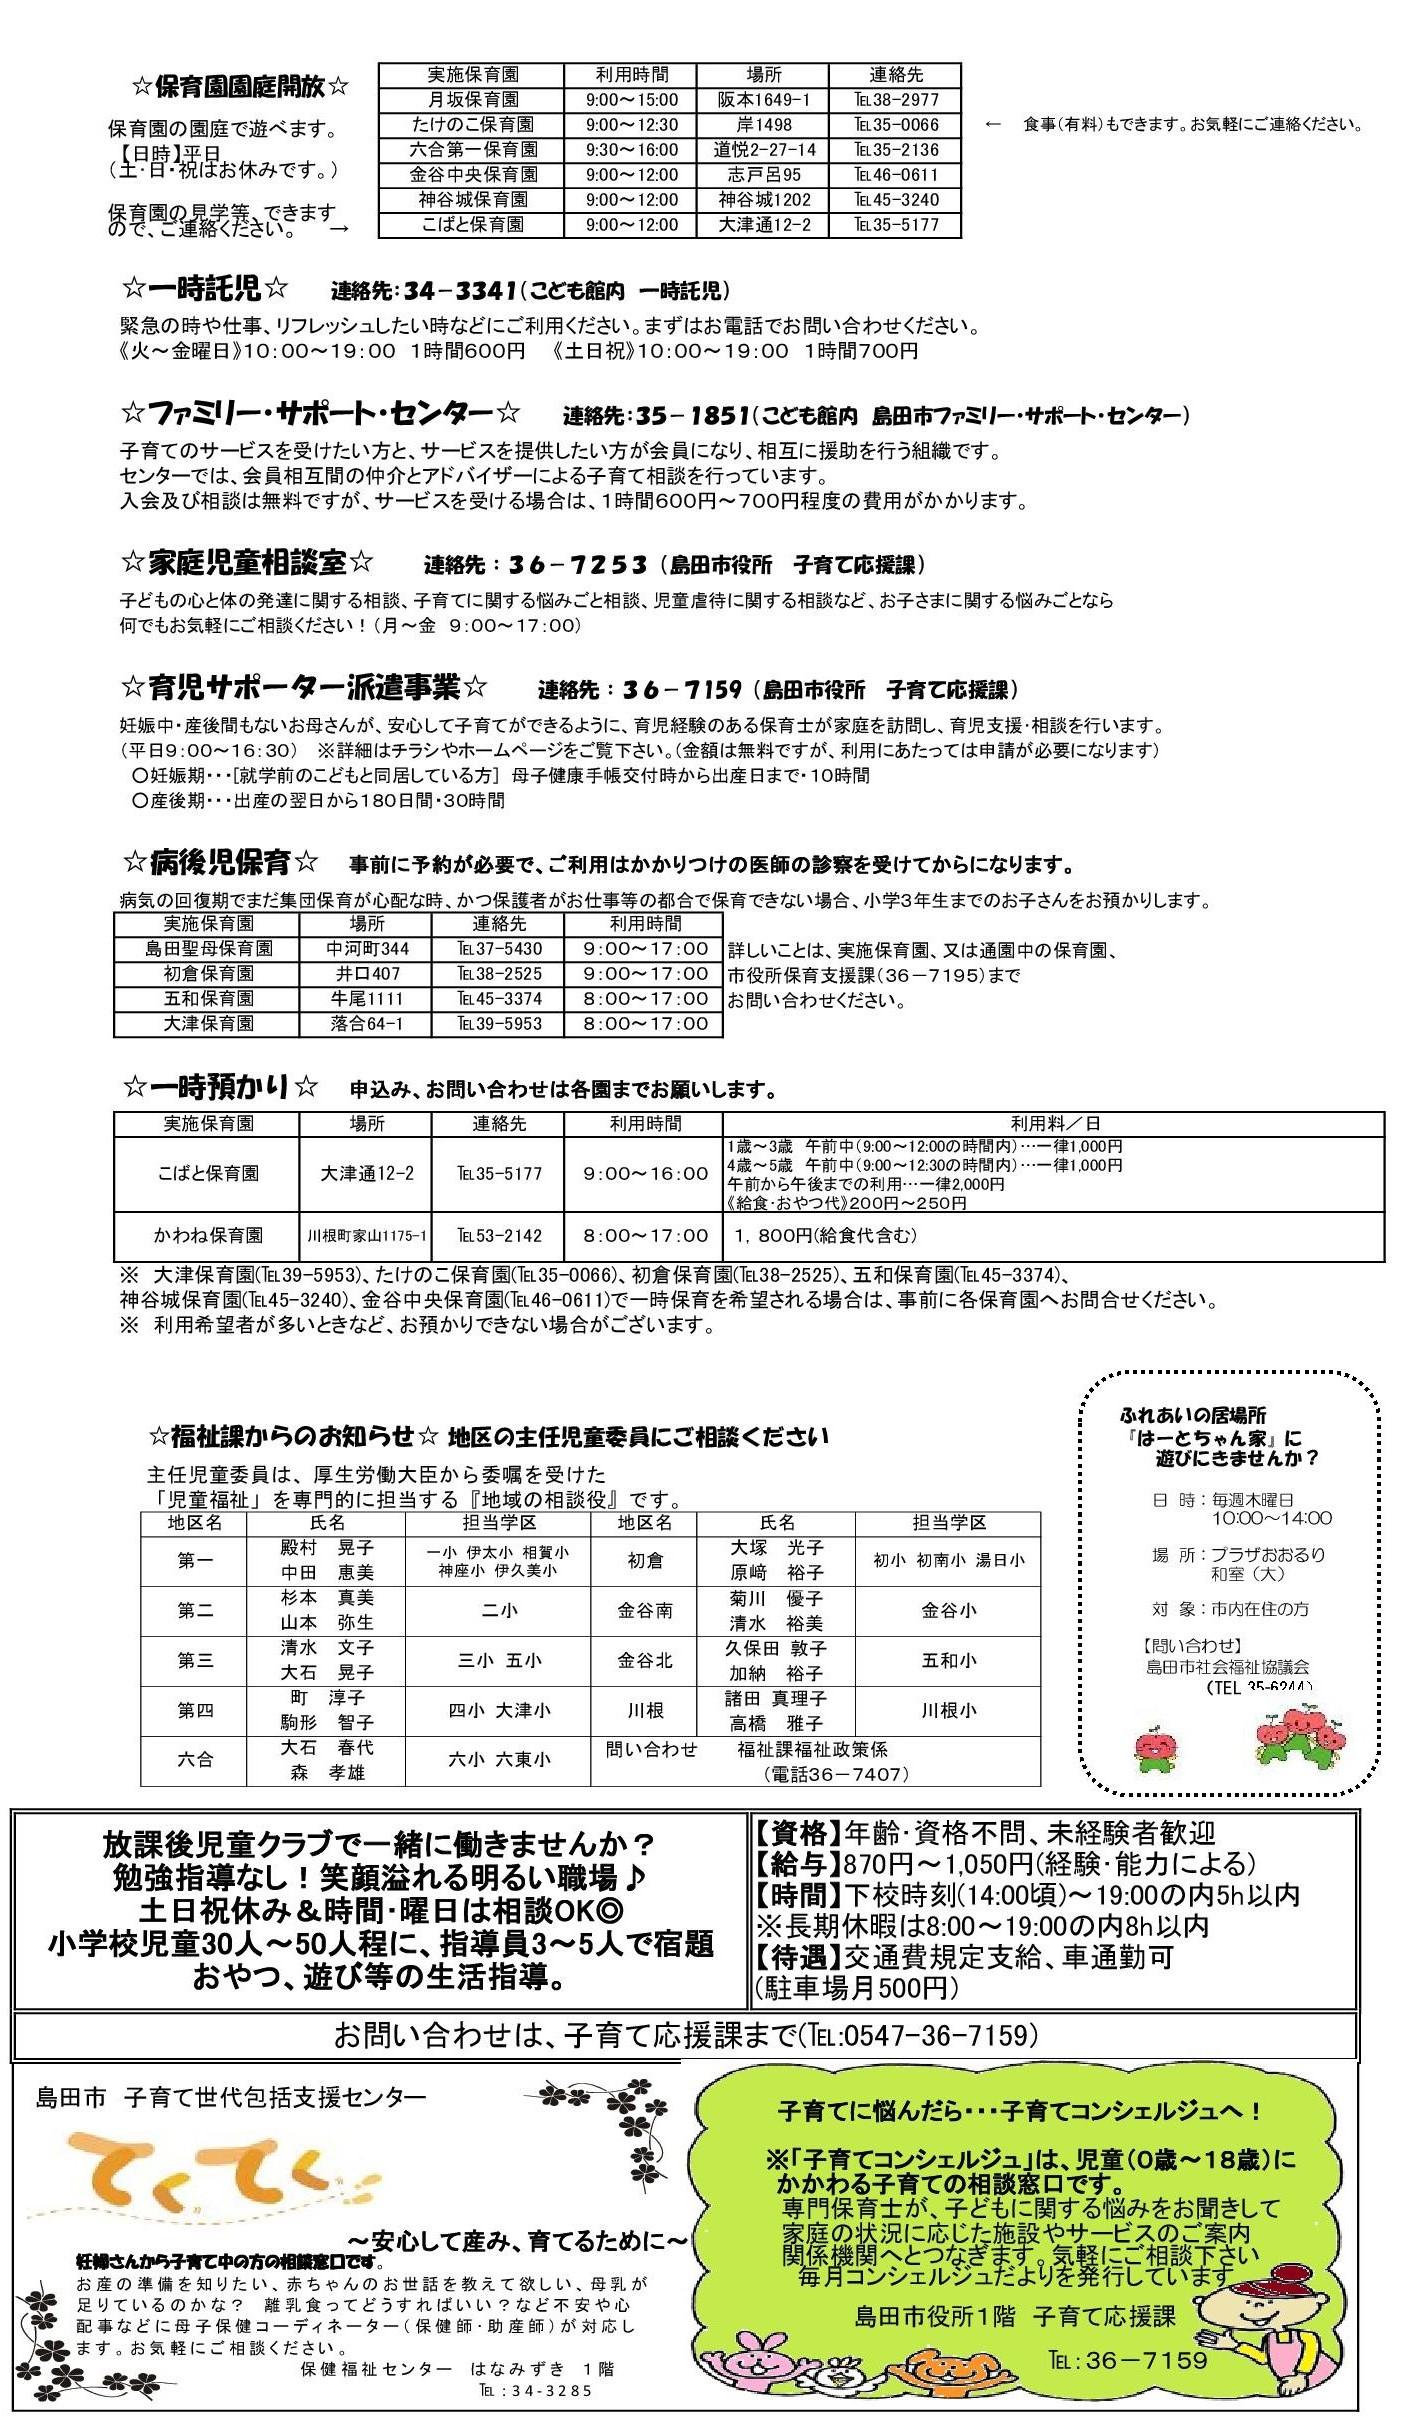 PDF ファイル4